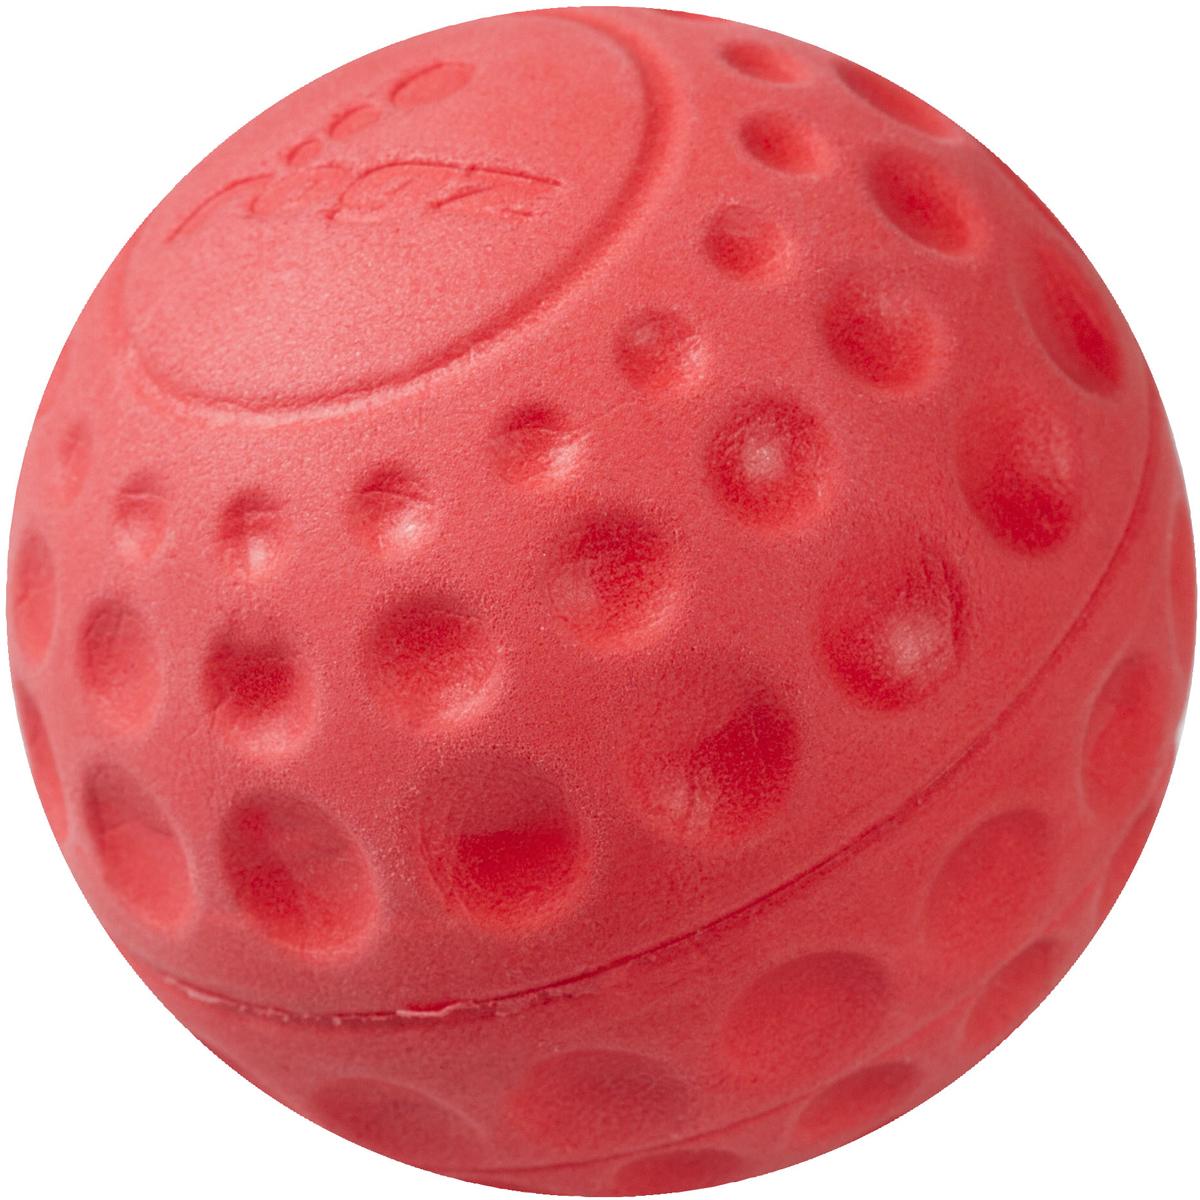 Игрушка для собак Rogz Asteroidz, цвет: красный, диаметр 7,8 смAS04CМяч для собак Rogz Asteroidz предназначен для игры с хозяином Принеси.Мяч имеет небольшой вес, не травмирует десны, не повреждает зубы, удобно носить в пасти.Отличная упругость для подпрыгивания.Изготовлено из особого термоэластопласта Sebs, обеспечивающего великолепную плавучесть в воде, поэтому игрушка отлично подходит для игры в водоеме. Материал изделия: EVA (этиленвинилацетат) - легкий мелкопористый материал, похожий на застывшую пену.Не токсичен.